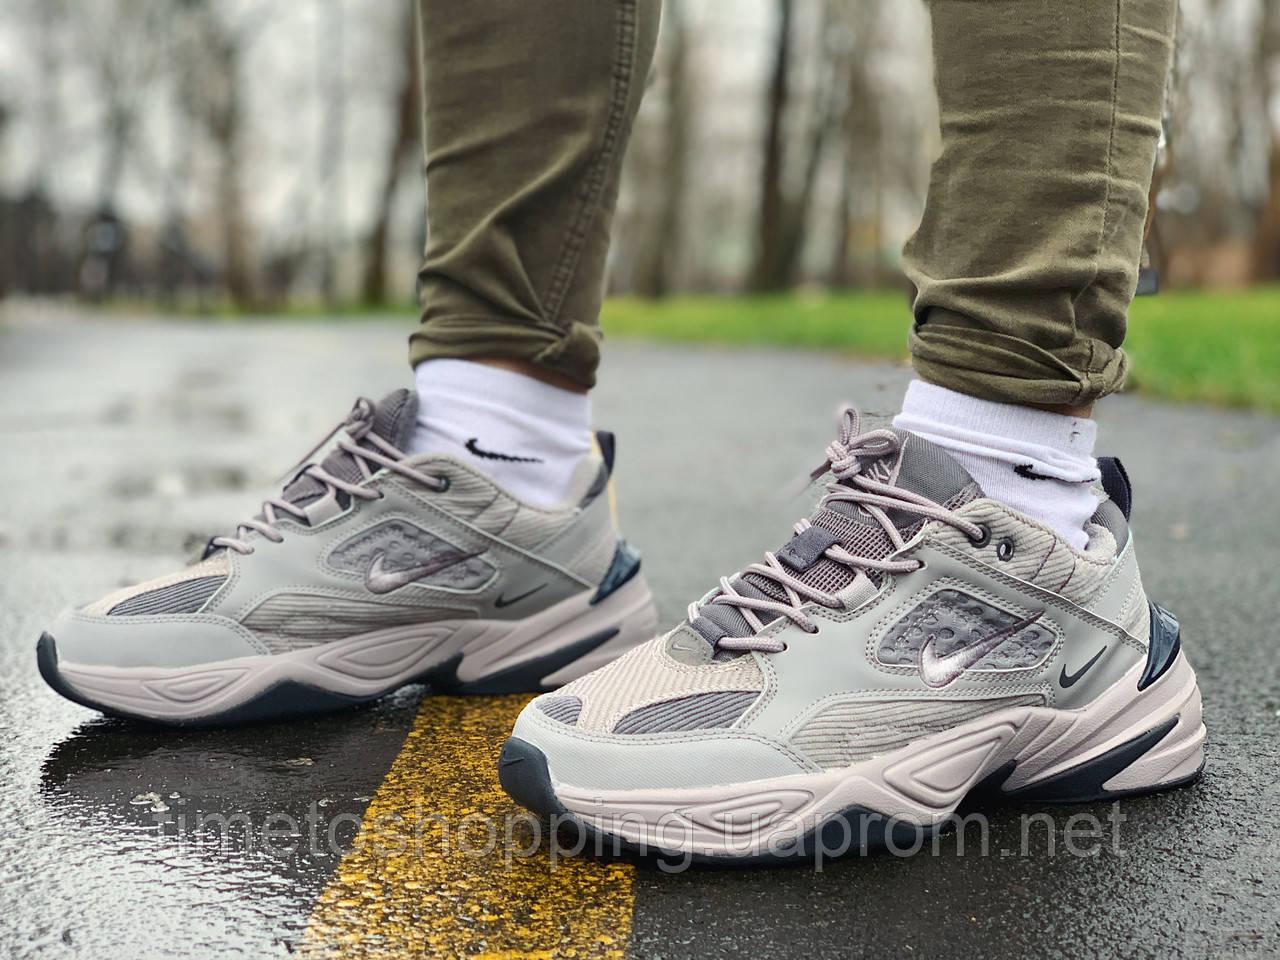 Кросівки чоловічі натуральна шкіра Nike M2K Tekno Найк М2К Текно РОЗМІР 45